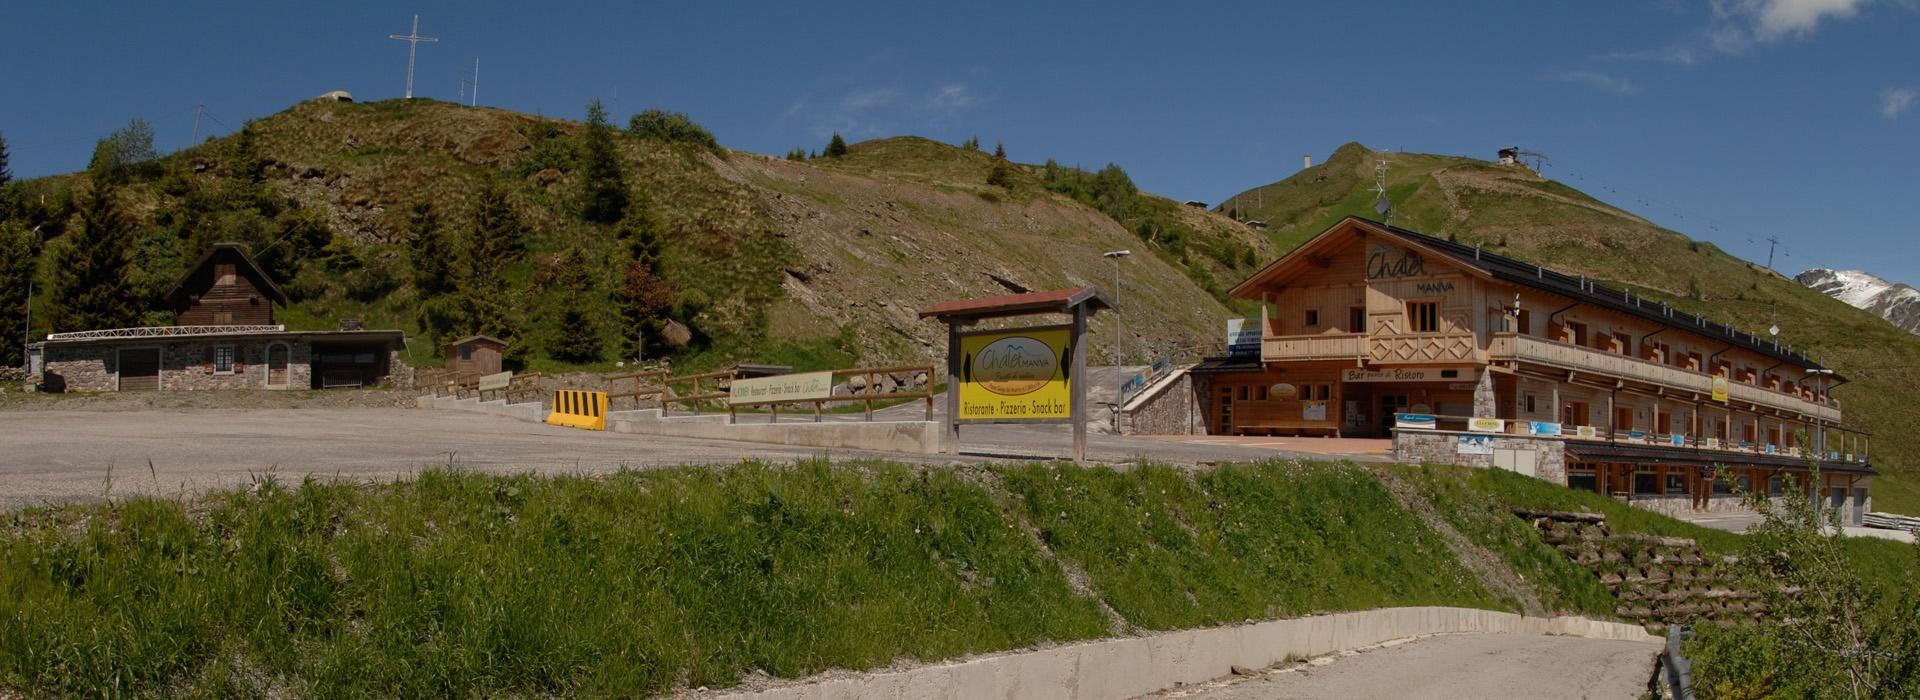 Chalet maniva maniva ski casa vacanza affitto for Piani di casa chalet sci